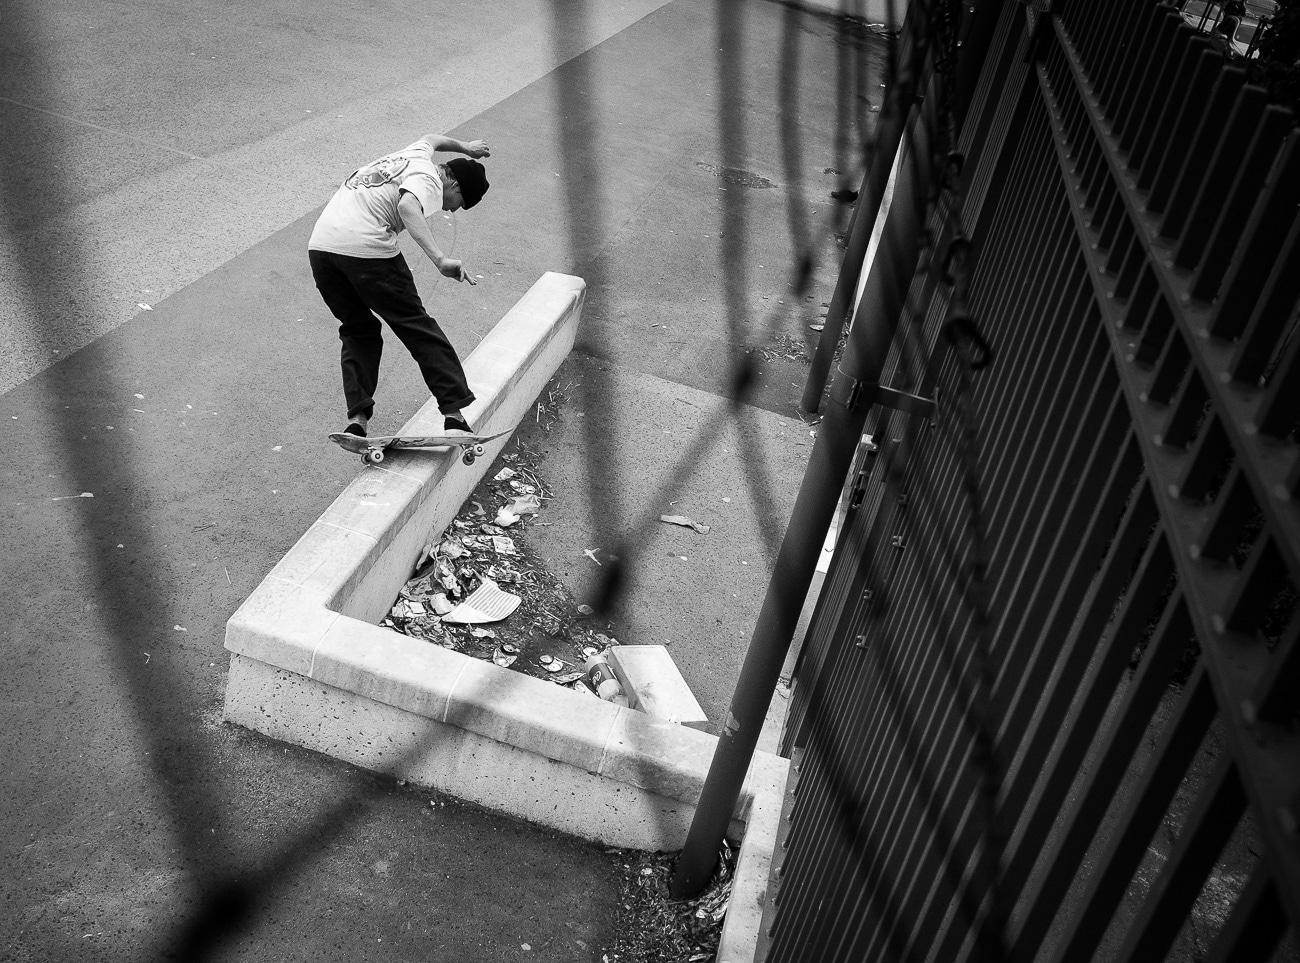 faust-in-marseille-Skate-Trip-irregularskatemag-fabian-reichenbach-35